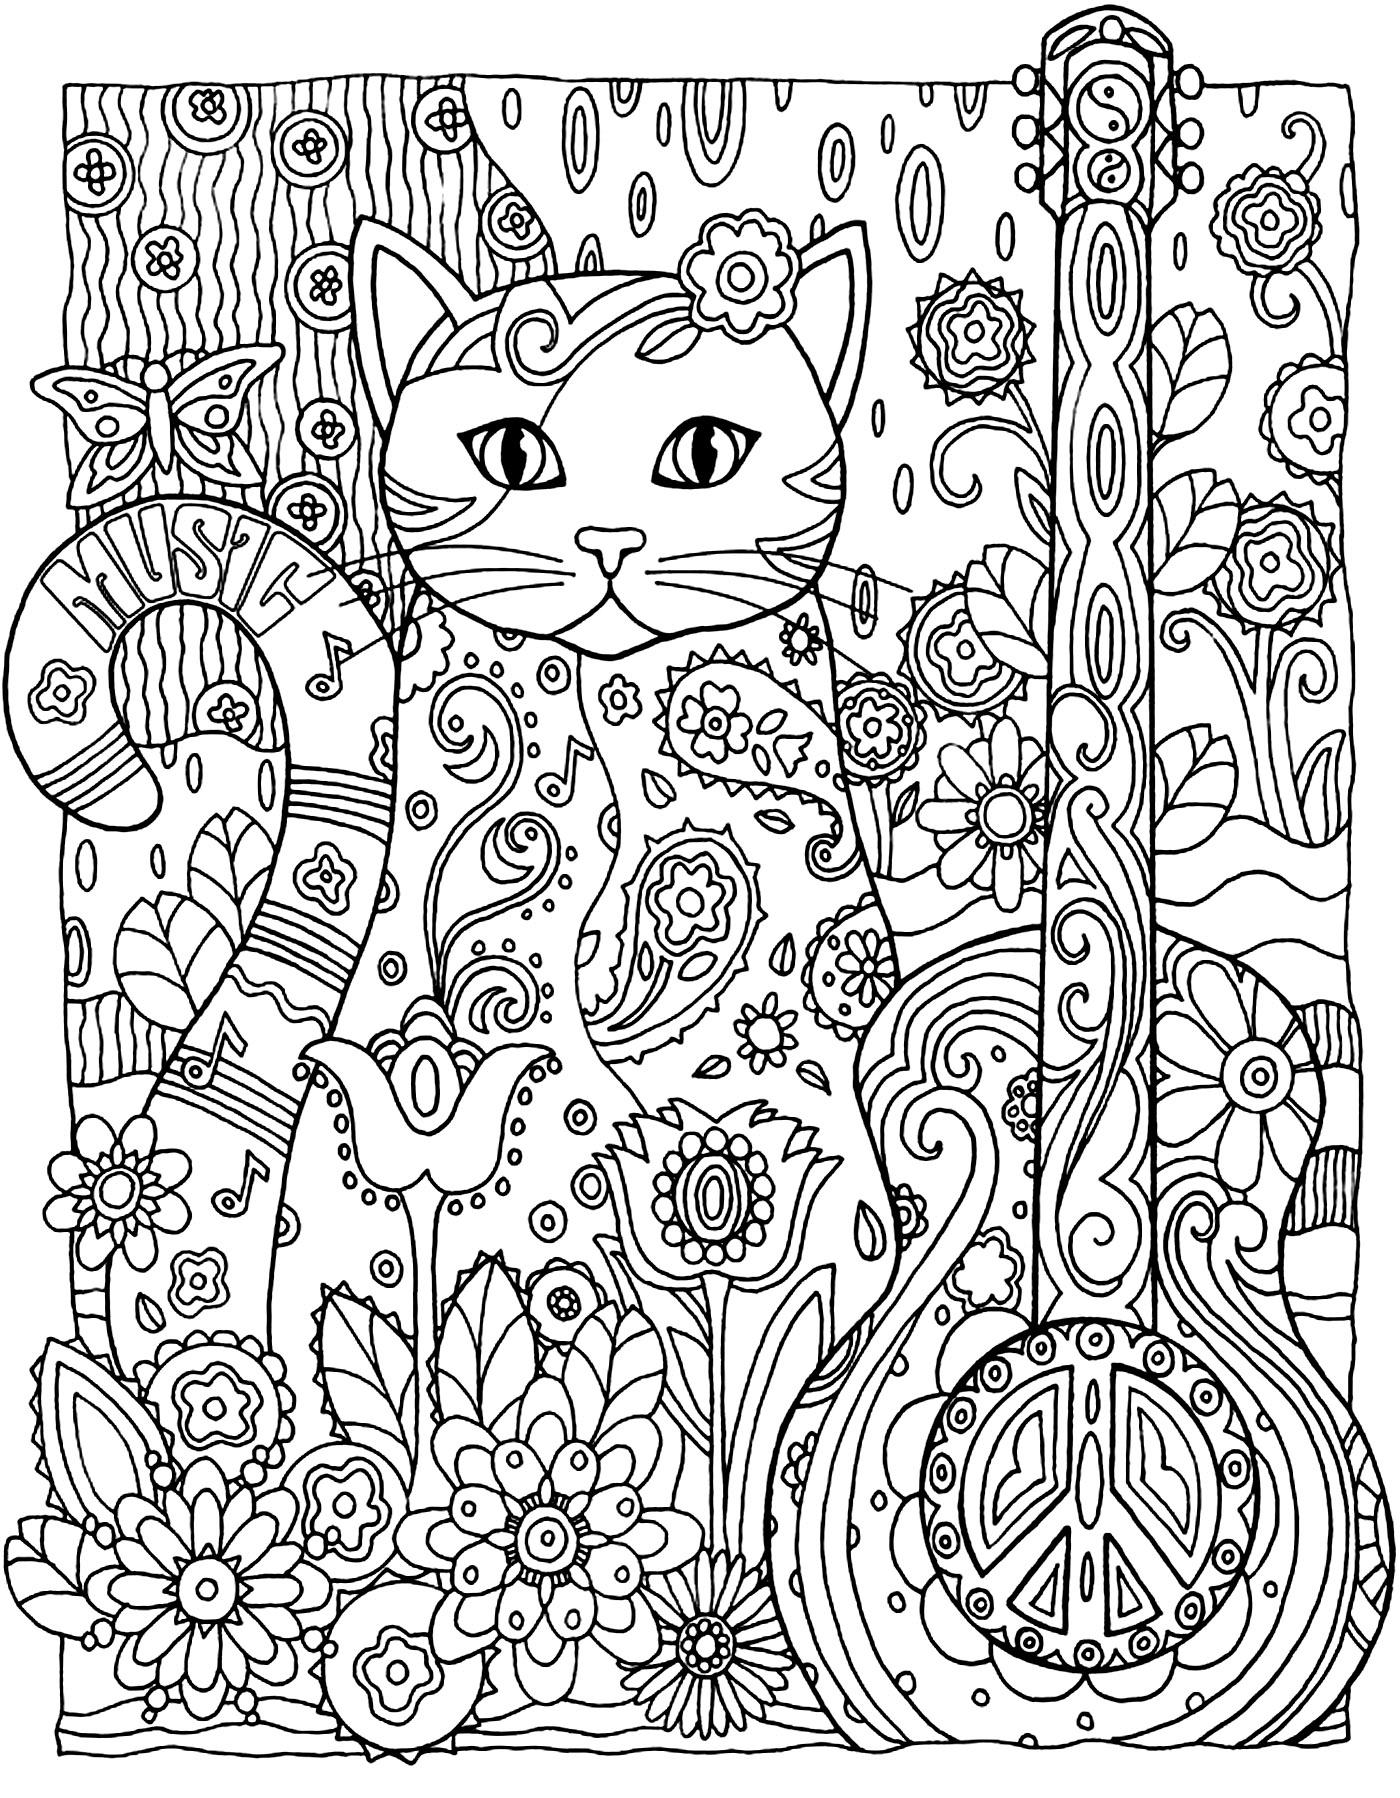 Disegni da colorare per adulti : Gatti - 7